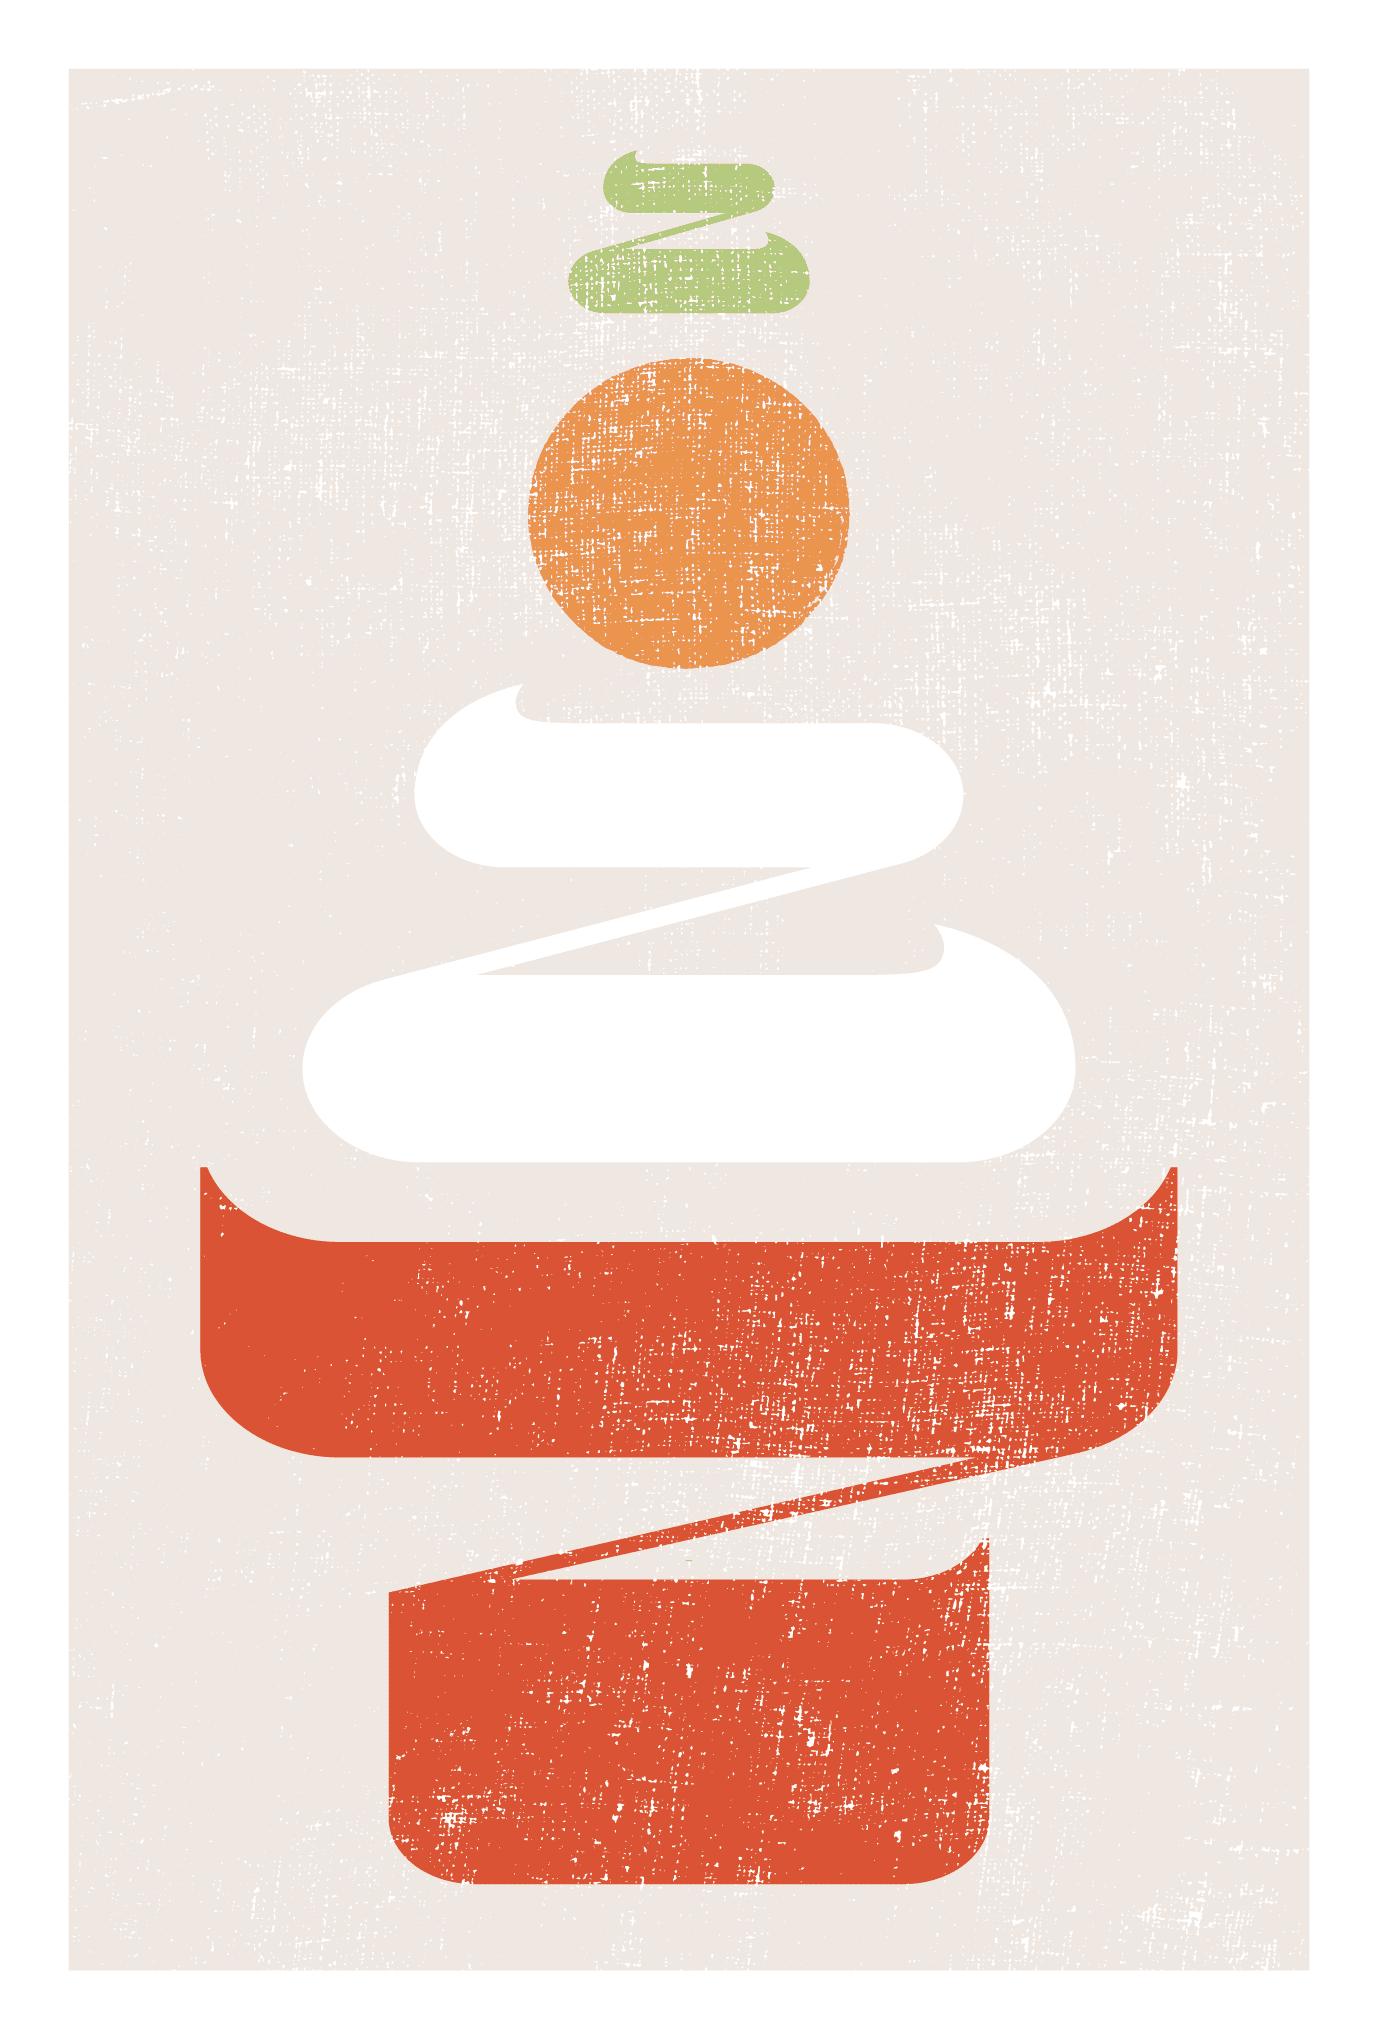 2022年賀状22-1:鏡餅 二〇二二(縦)Aのダウンロード画像